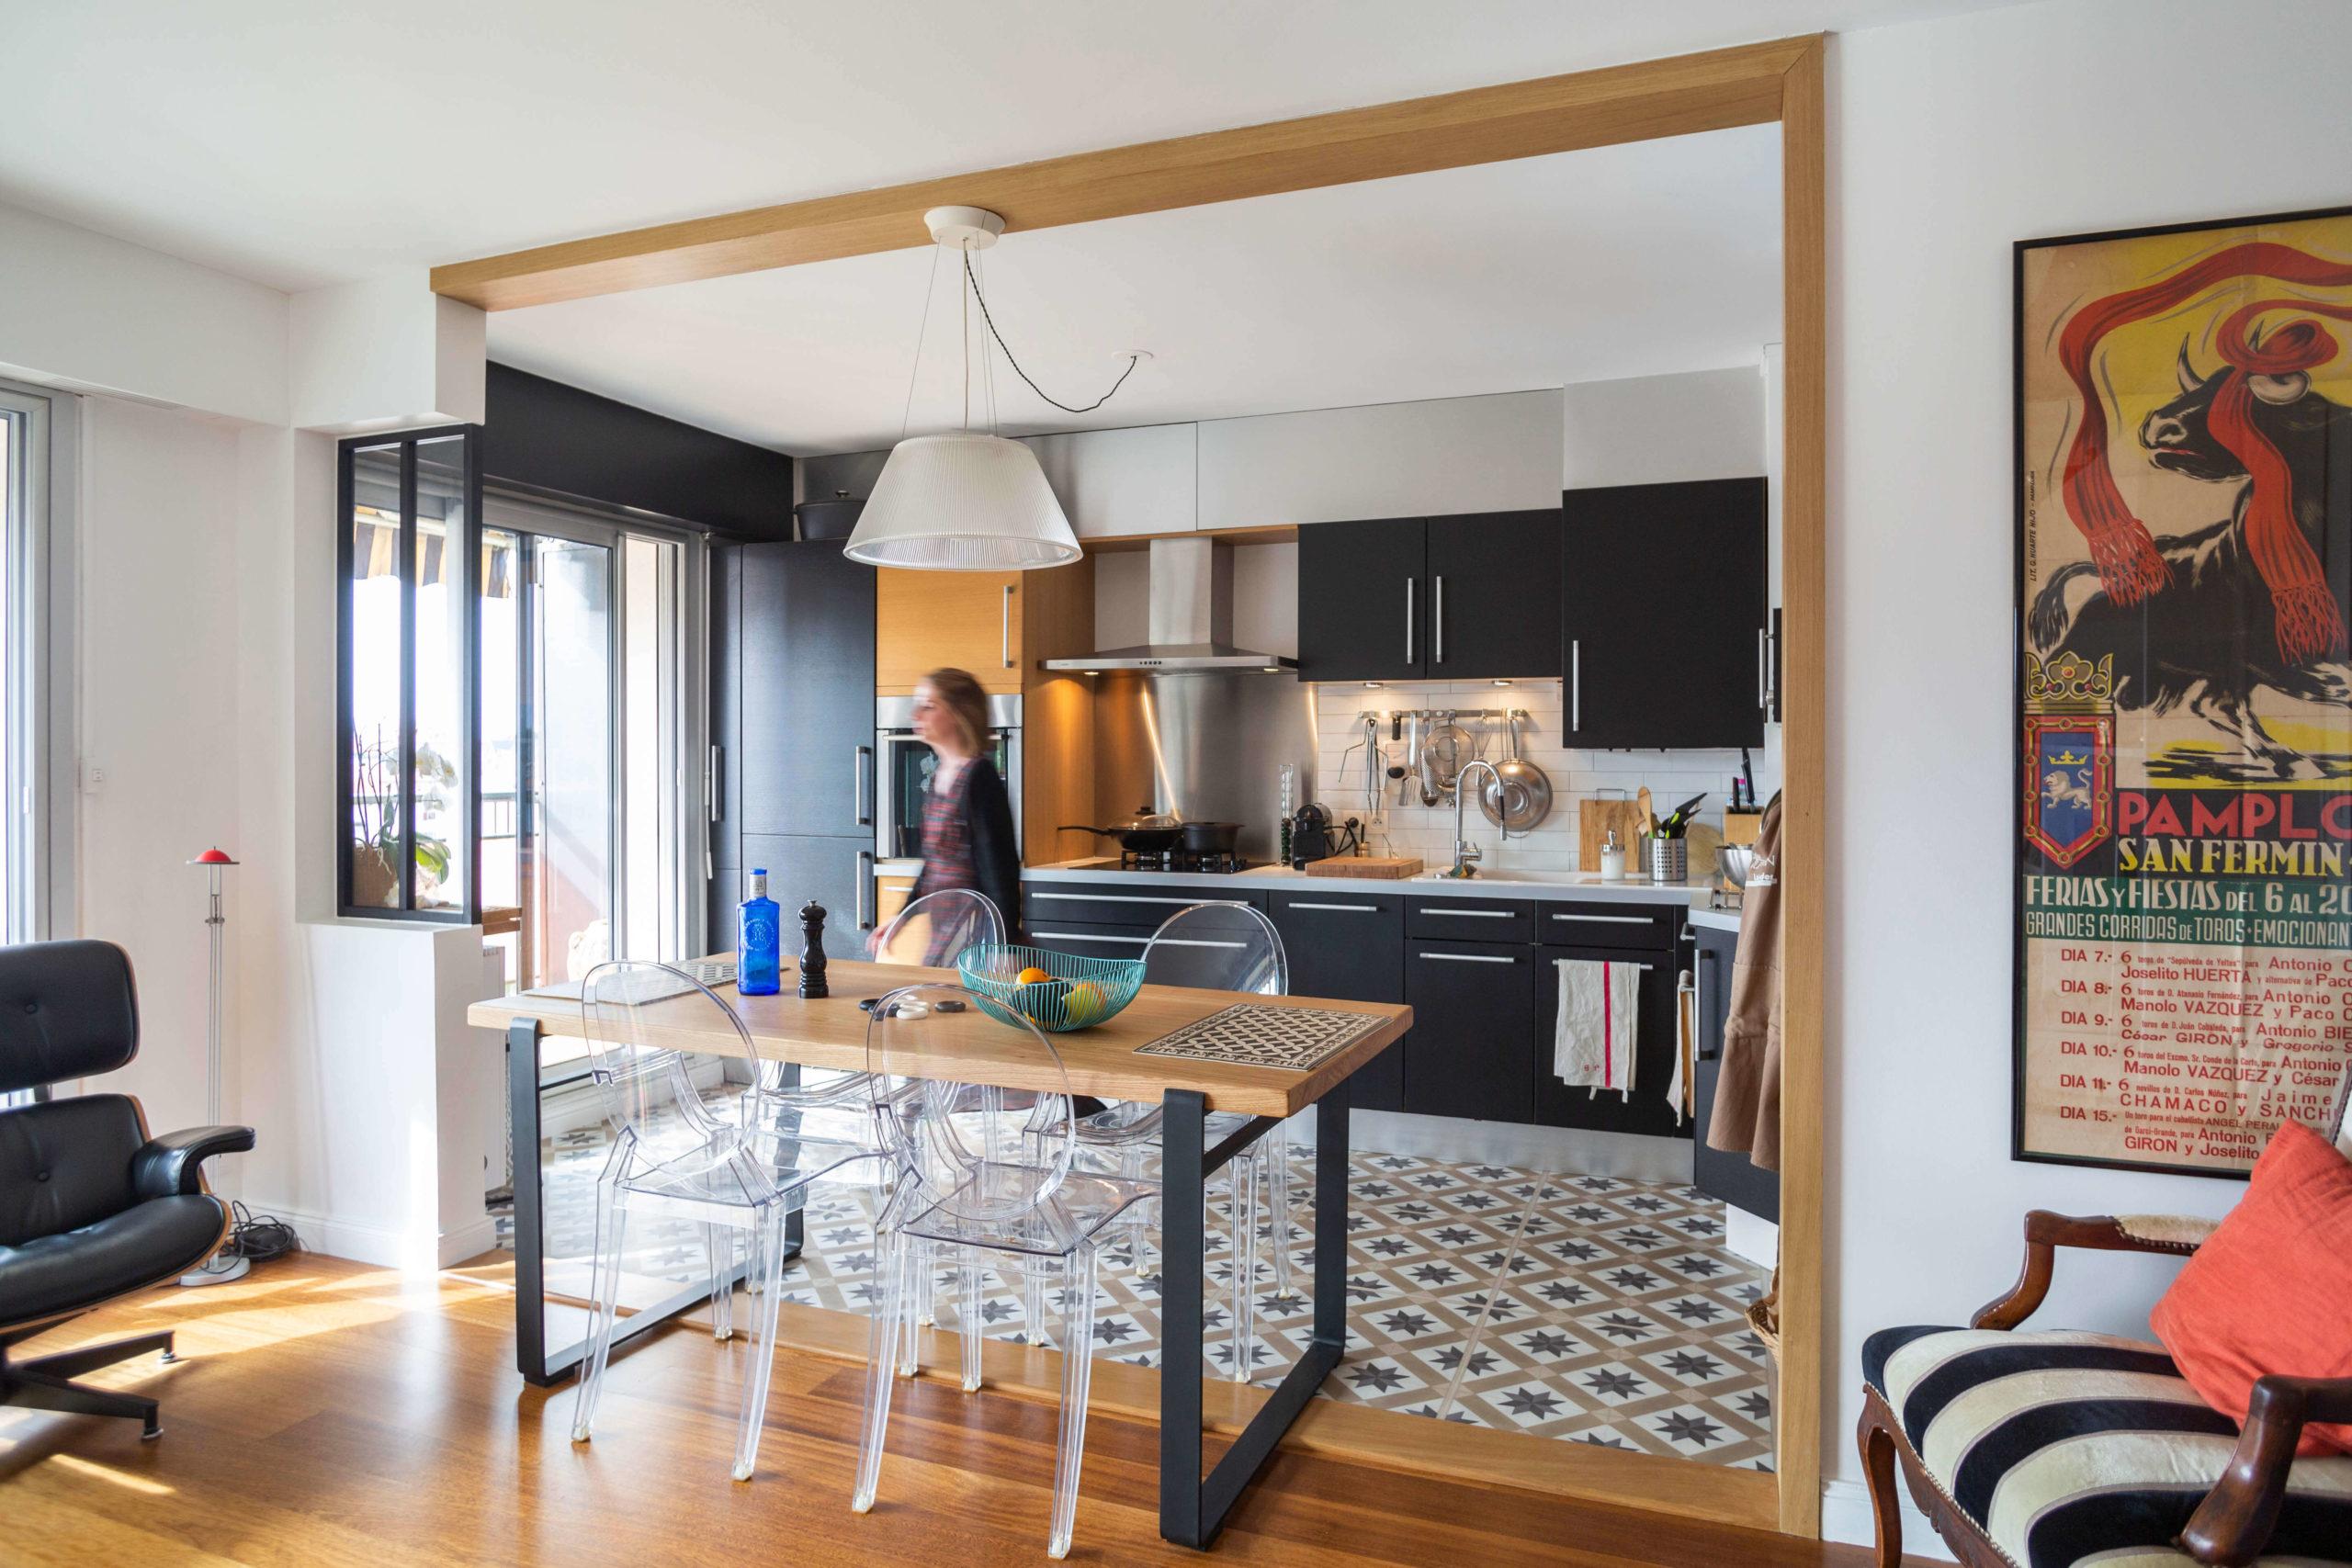 atelier-plurielles-architectures-reamenagement-appartement-biarritz-séjour